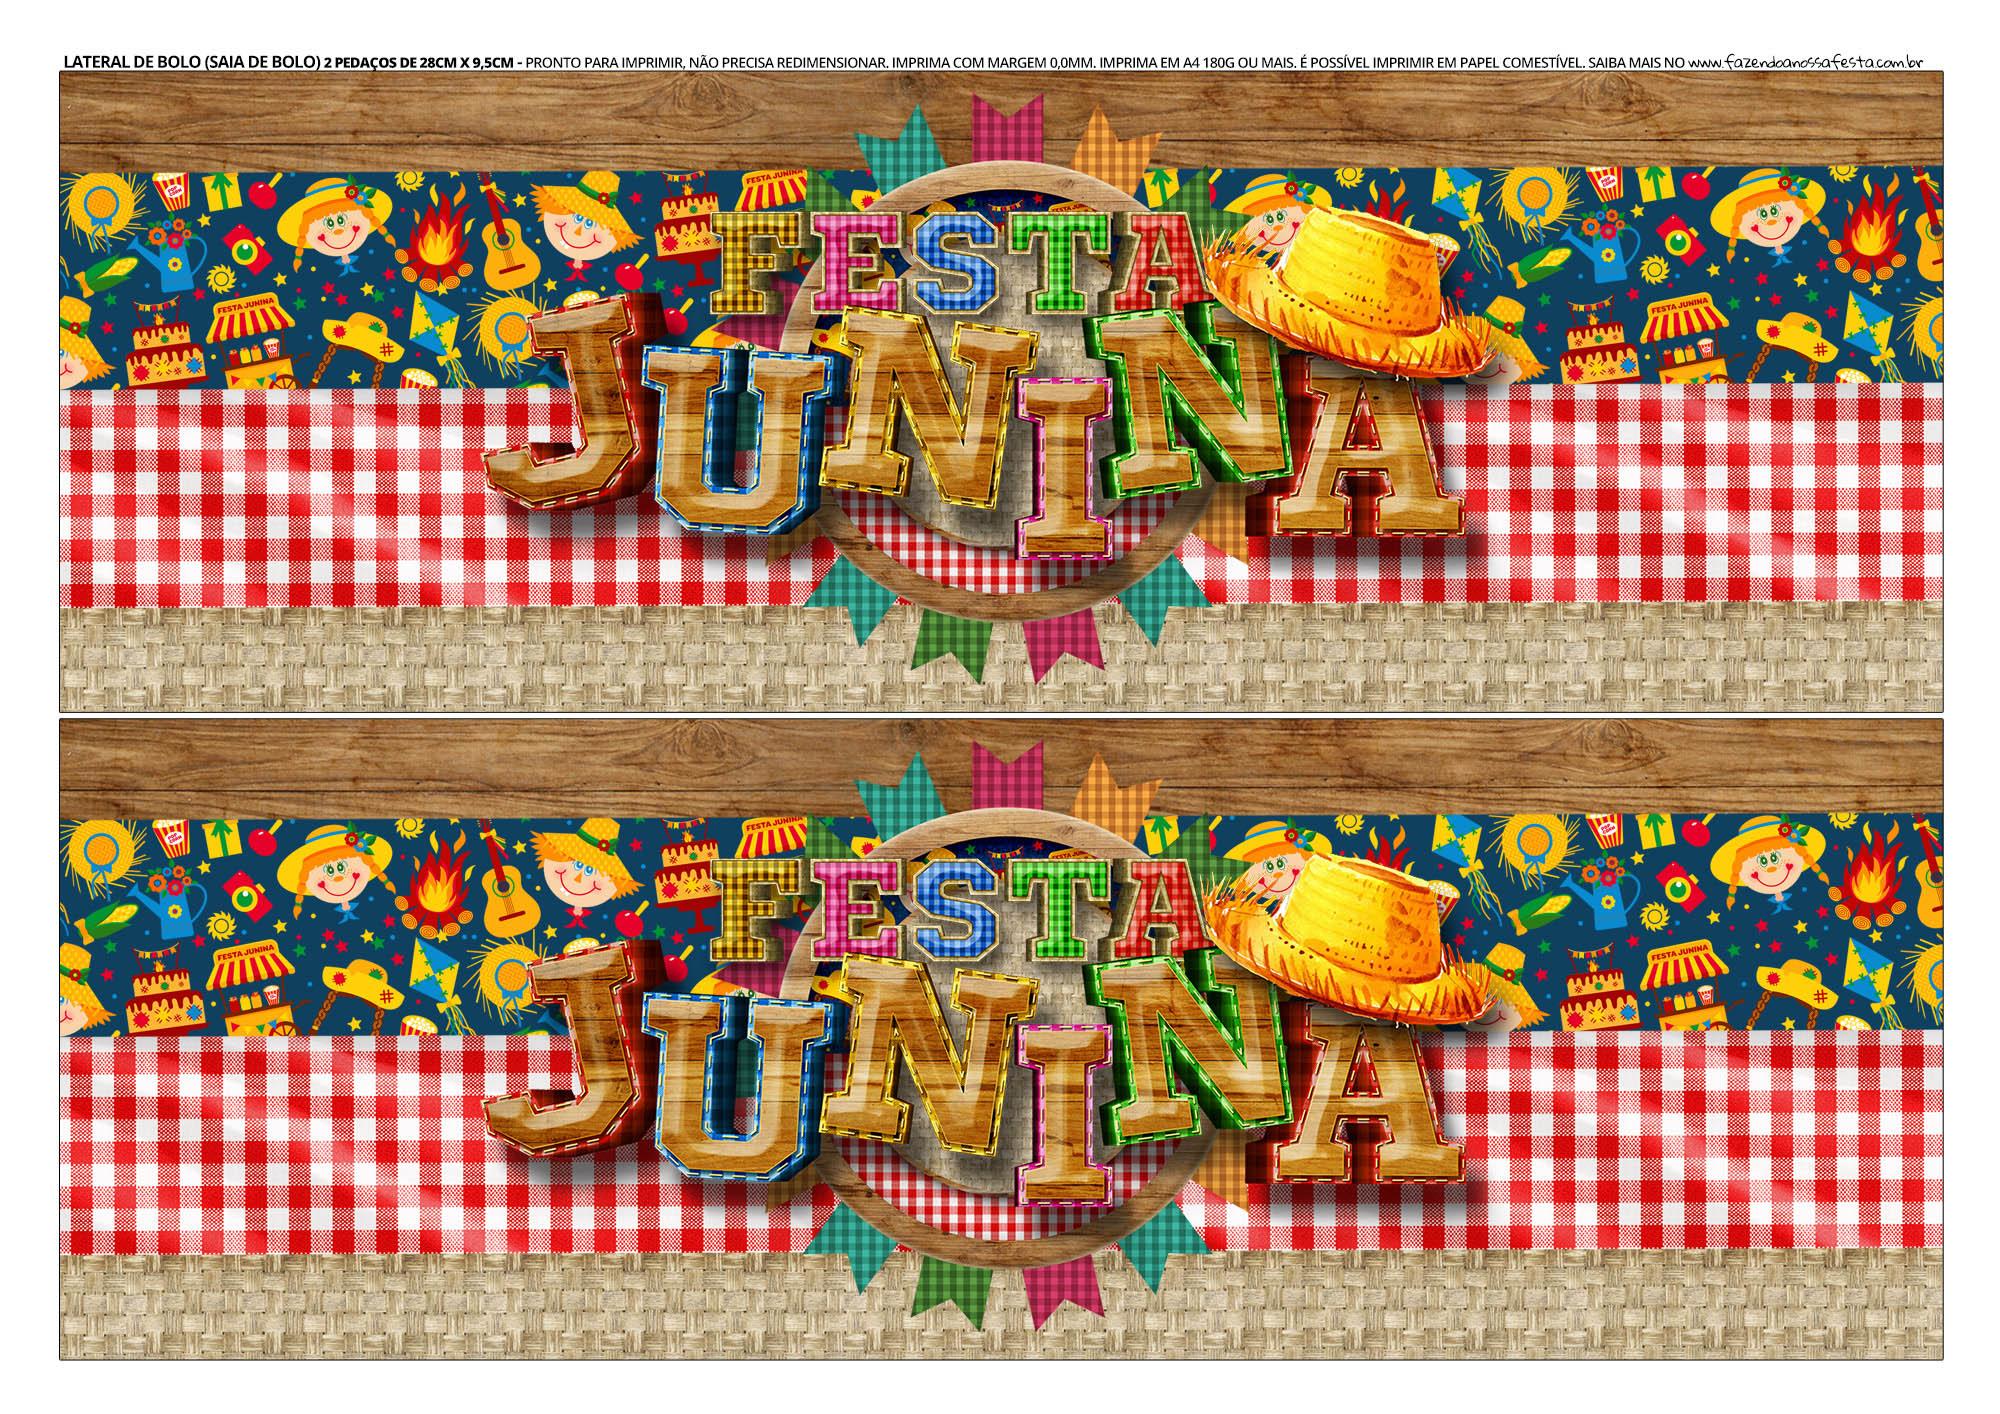 Faixa Lateral de Bolo Festa Junina 4 06 Topo de bolo e Faixa Lateral para Festa Junina